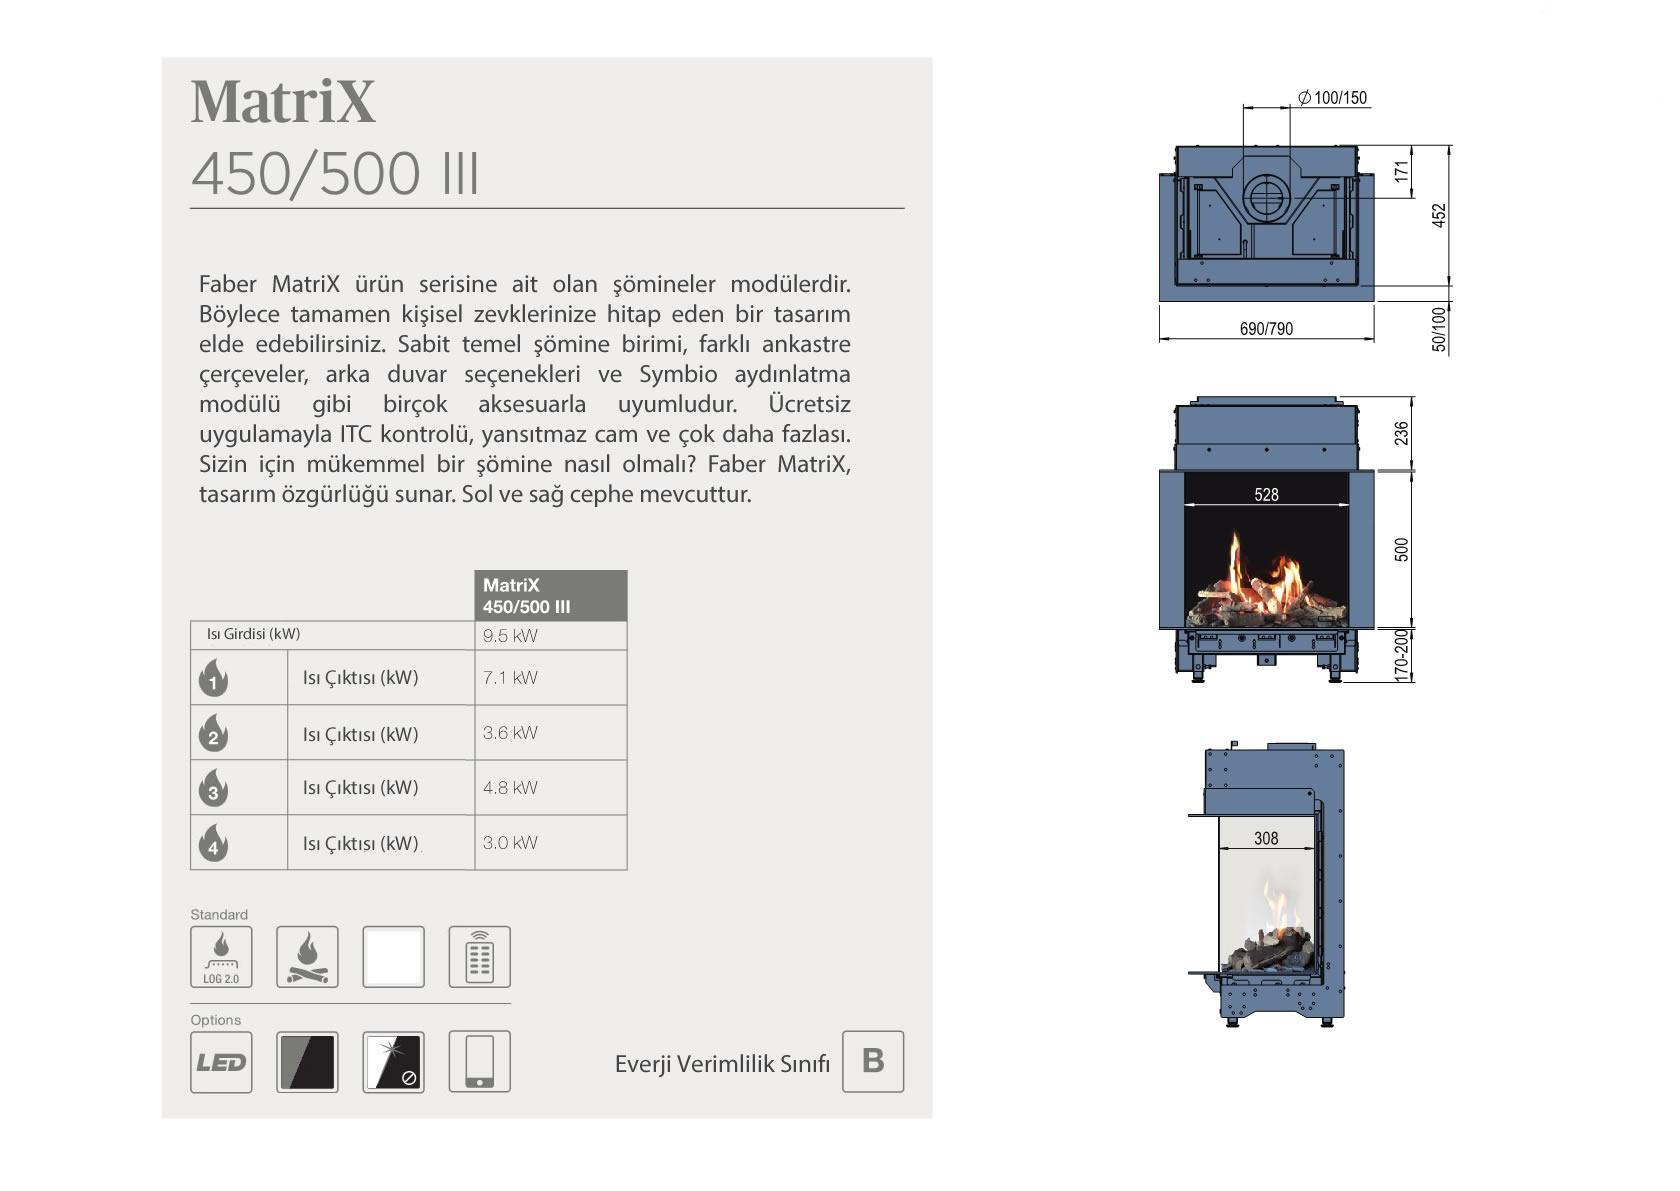 Faber Doğalgazlı Şömineler - MATRİX 450/ 500 III